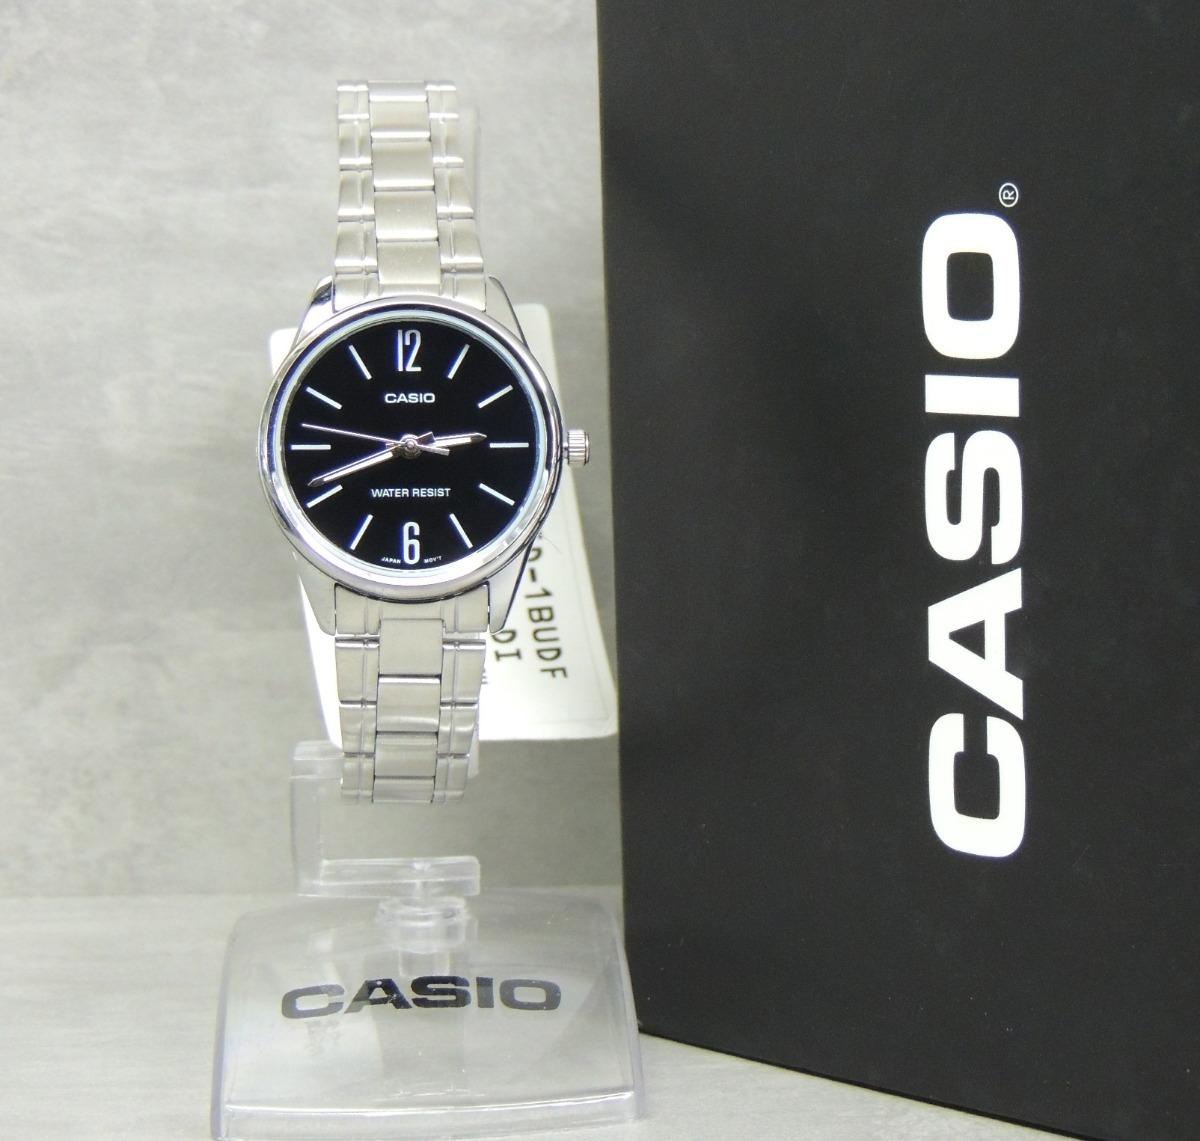 1ac36ffbc4d Relógio Casio Feminino Ltp-v005d-1budf - Lançamento - Nf - R  158